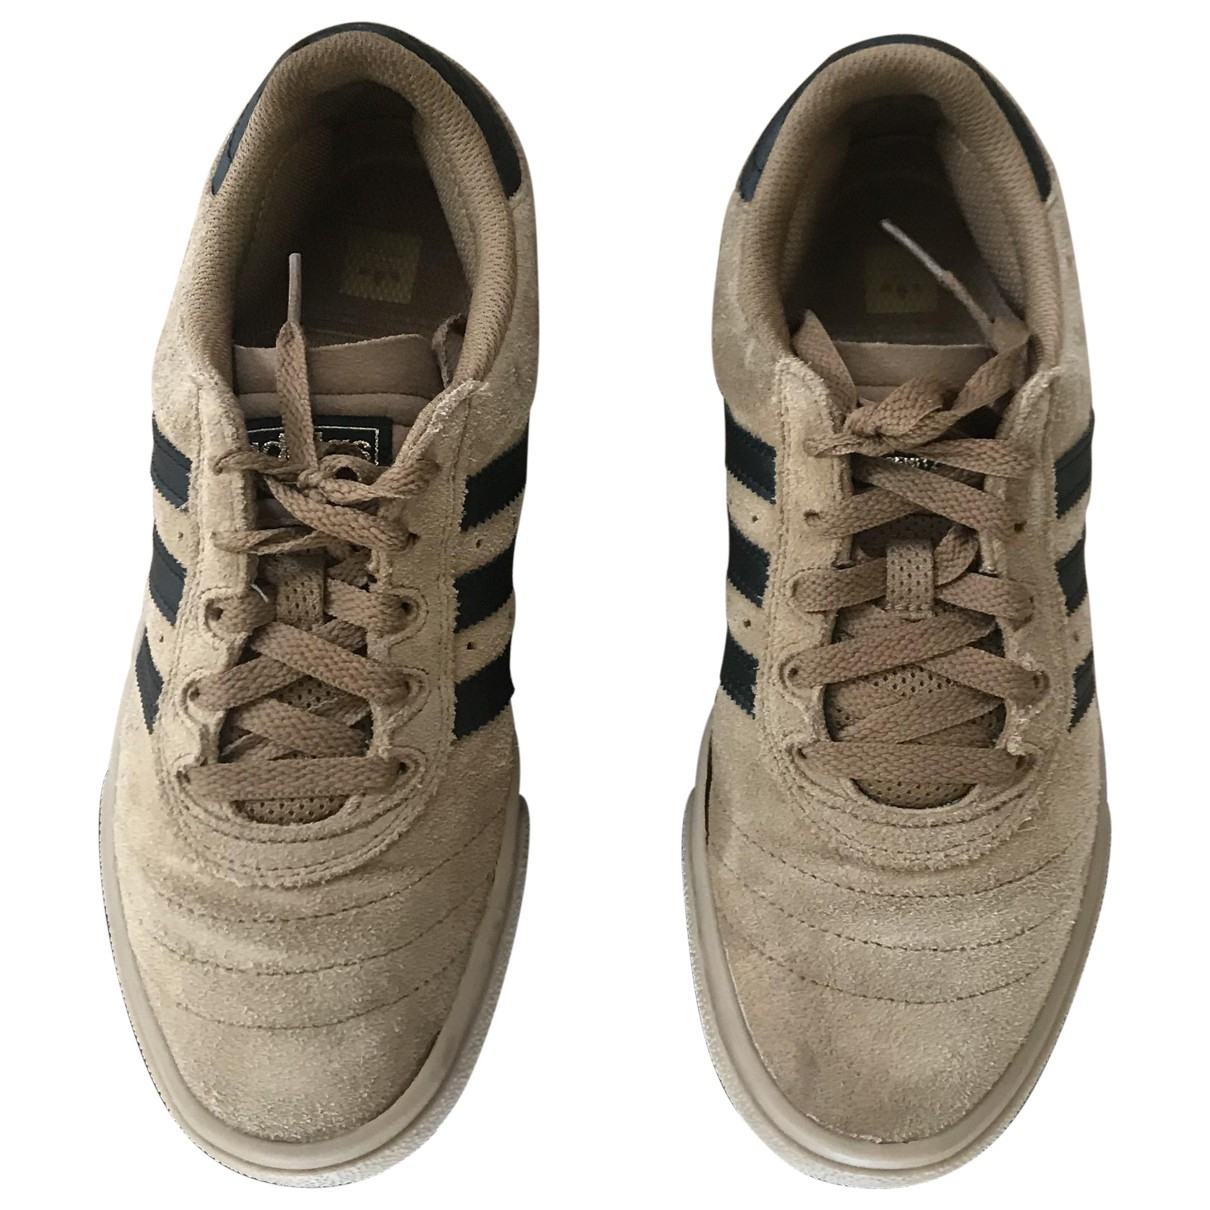 Adidas - Baskets   pour homme en suede - marron